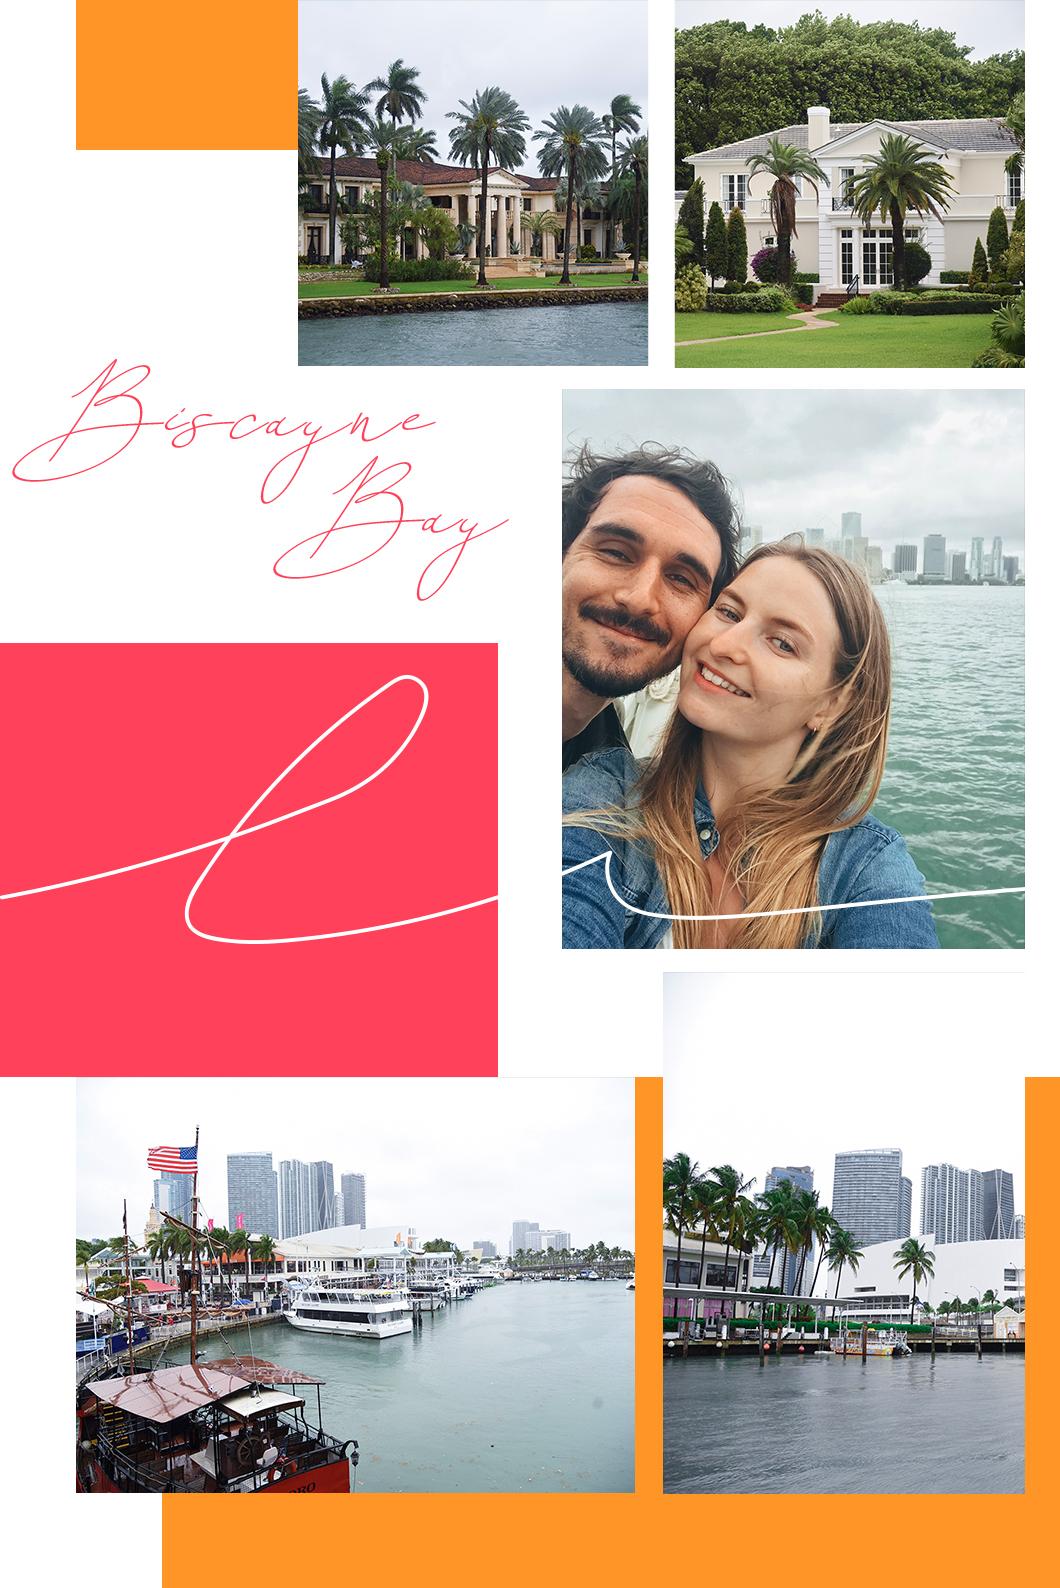 Visiter la Biscayne Bay